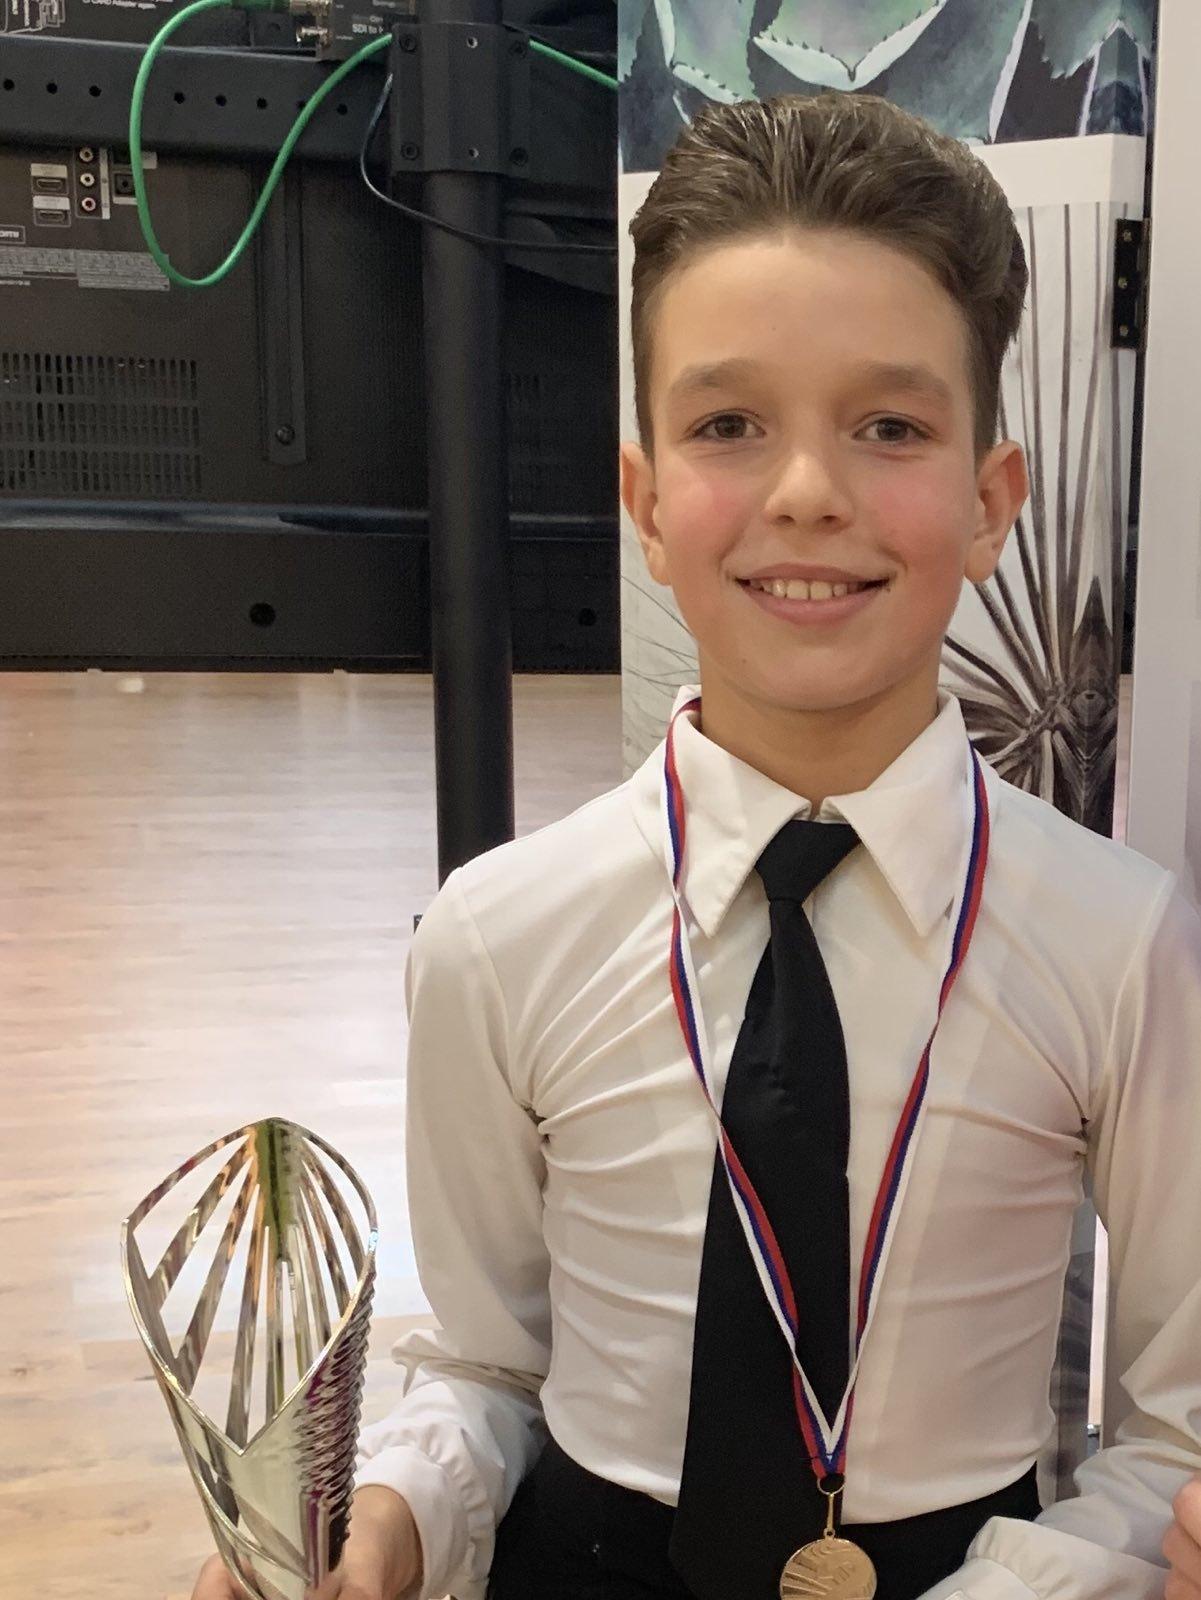 Дитину спіткала важка недуга: допоможіть 11-річному ужгородцю подолати лімфому Ходжкіна (ФОТО), фото-4